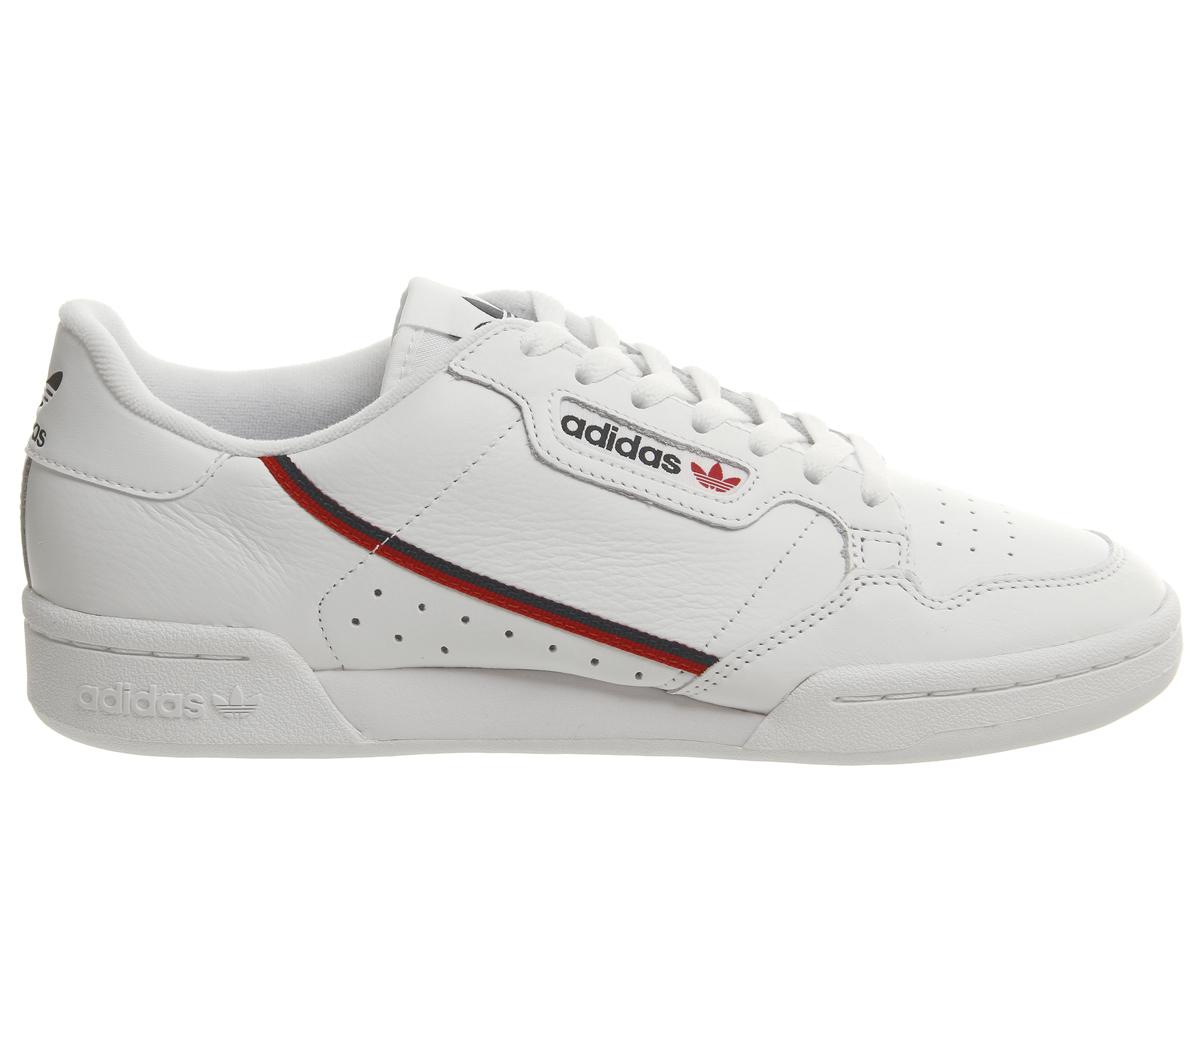 uk availability 10e96 641a3 ... Nike Men s AIR MAX UPTEMPO 97 TRIPLE BLACK Shoes Shoes Shoes Black  399207-005 c ...